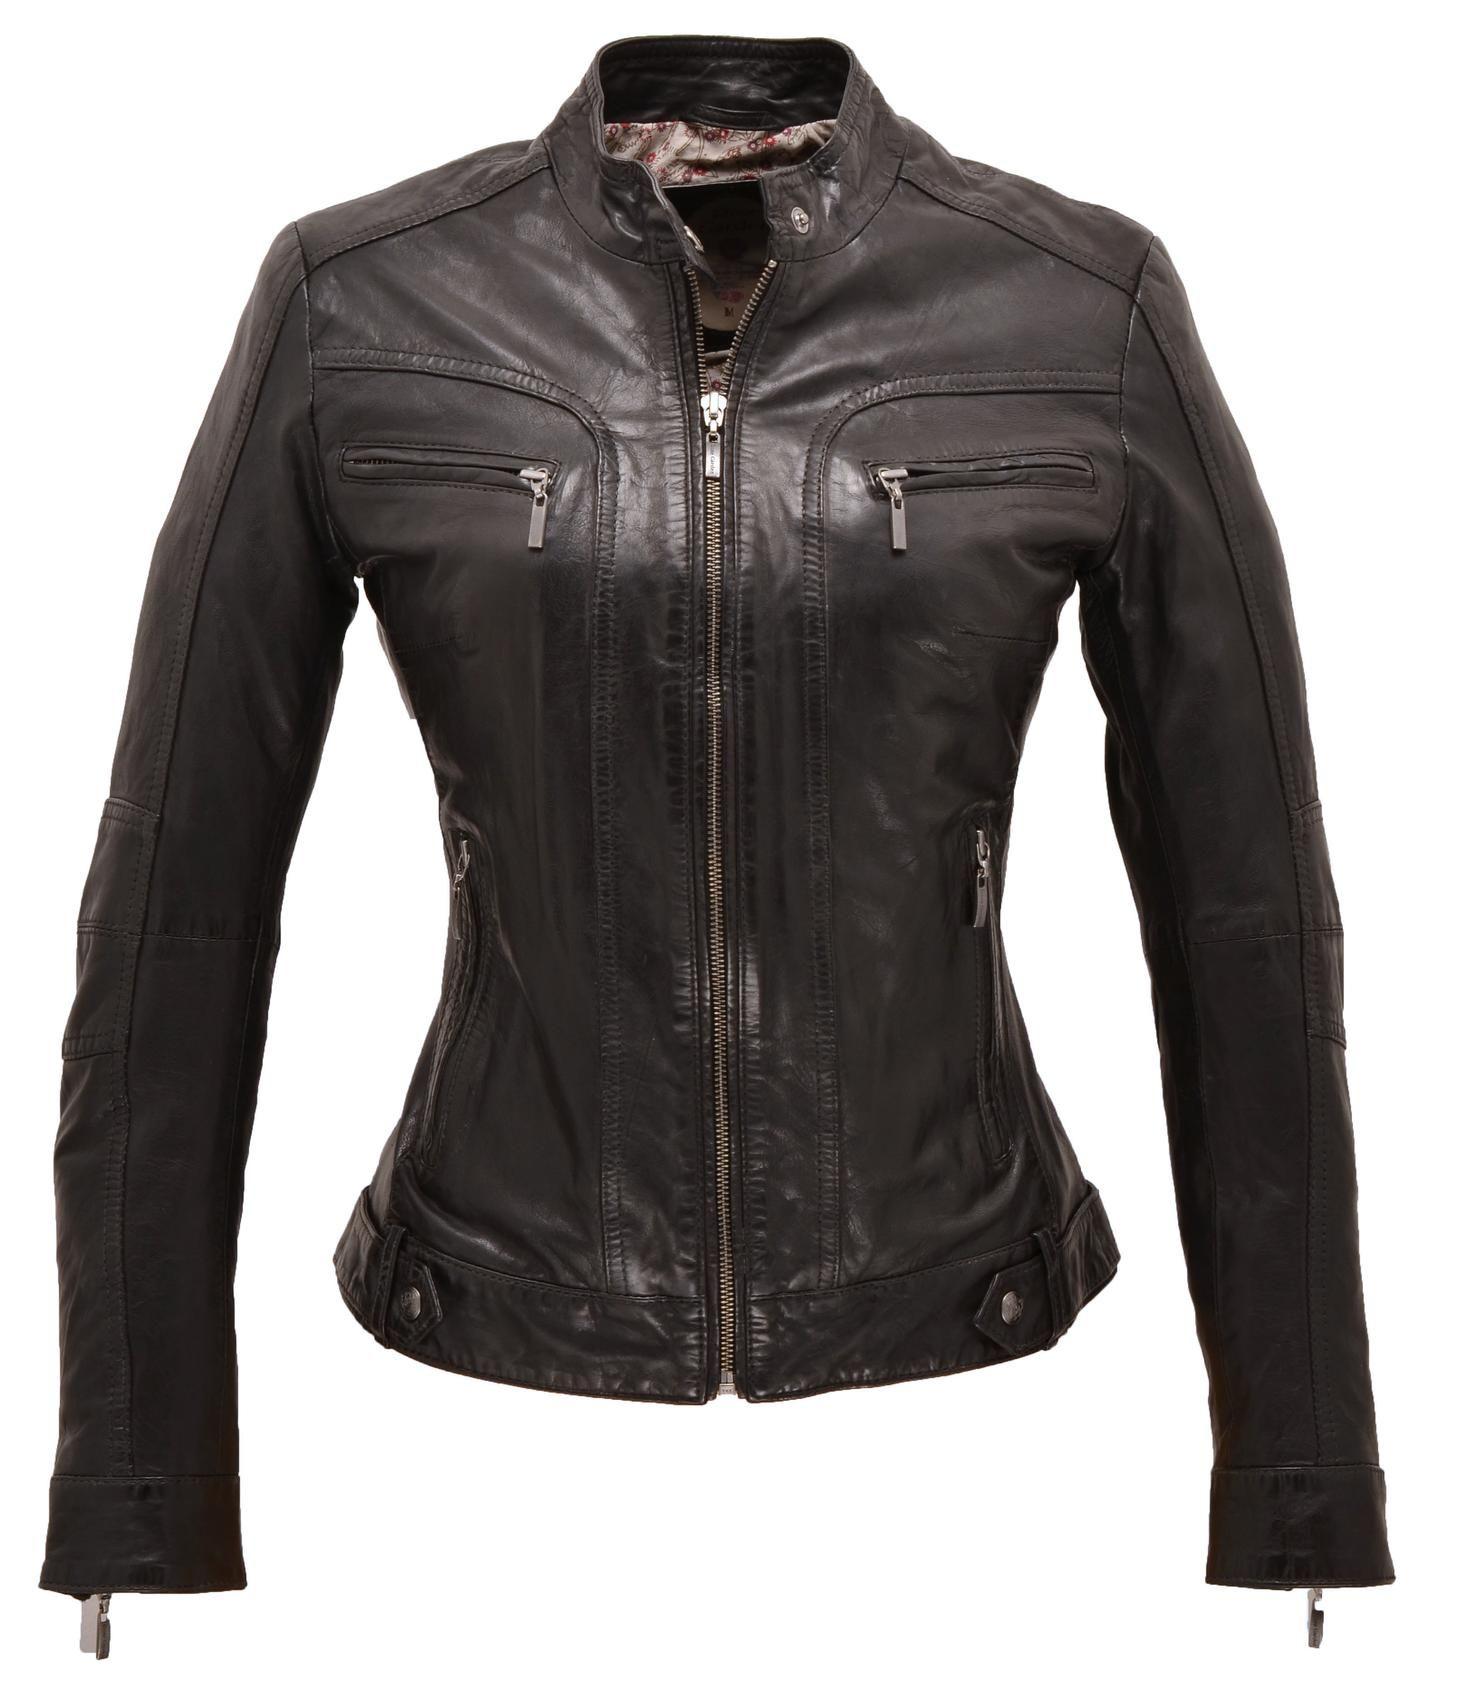 Bien-aimé blouson cuir femme, coupe cintrée, col mao, 2 poches poitrine  TD76